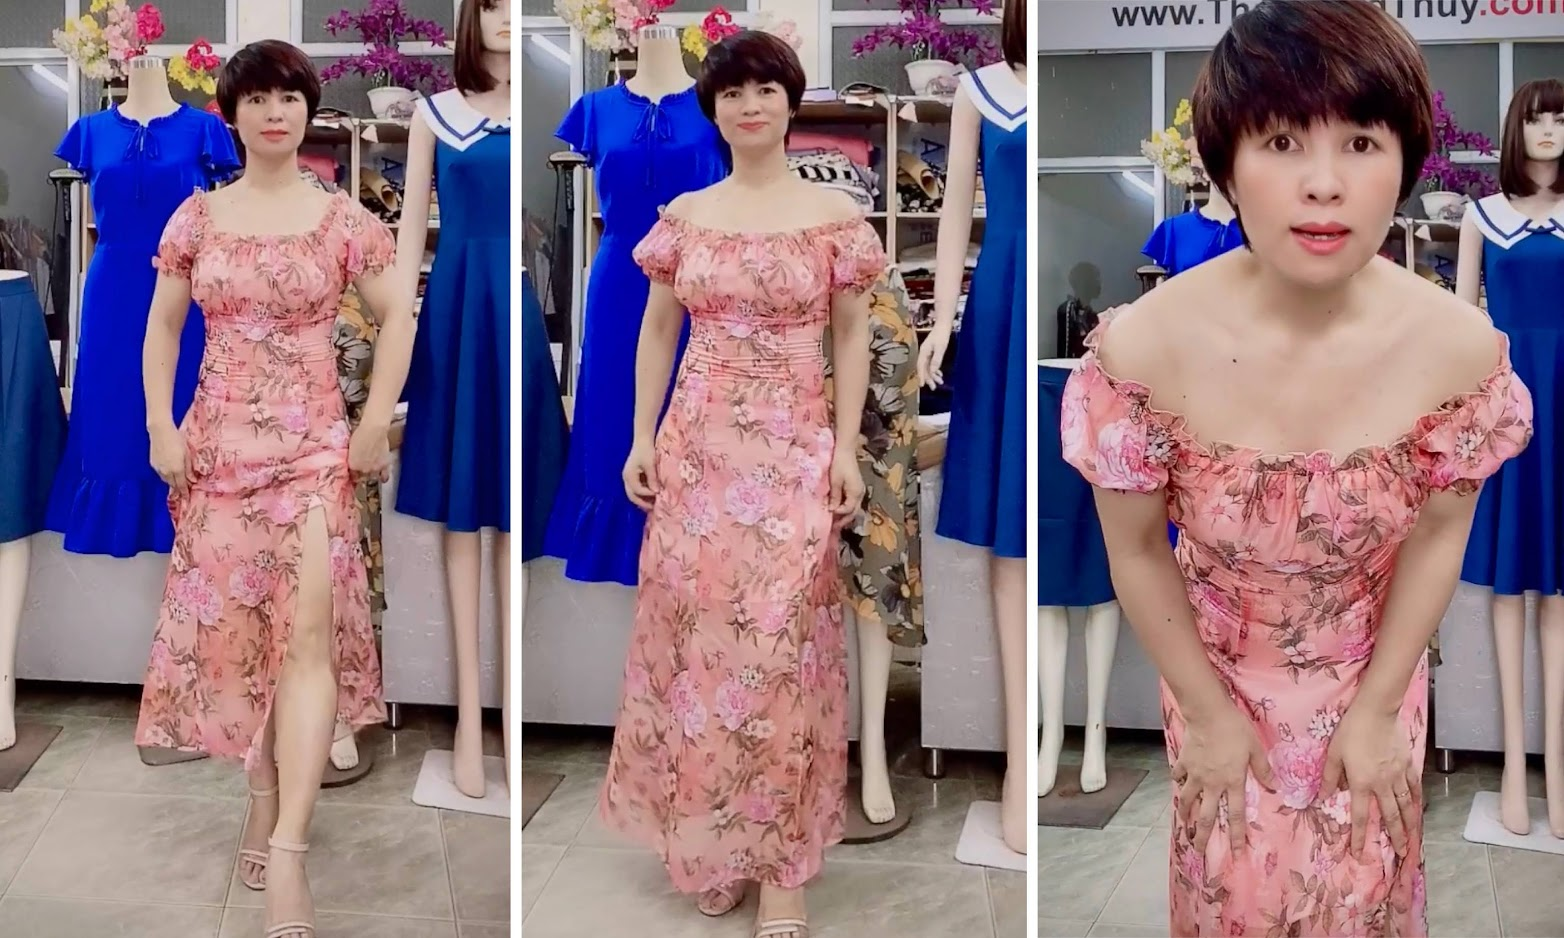 Váy maxi hoa mặc trễ vai đi biển dự tiệc V720 thời trang thủy